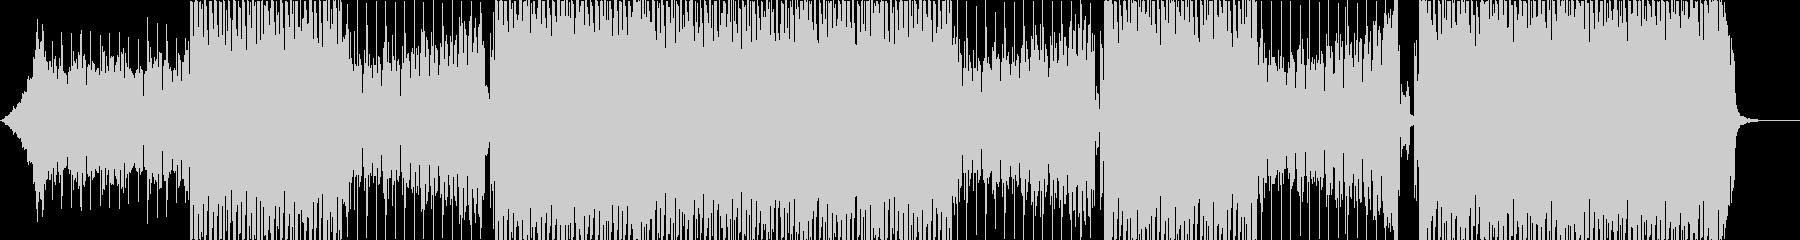 洋楽、パーティーEDM、K-POP♫の未再生の波形